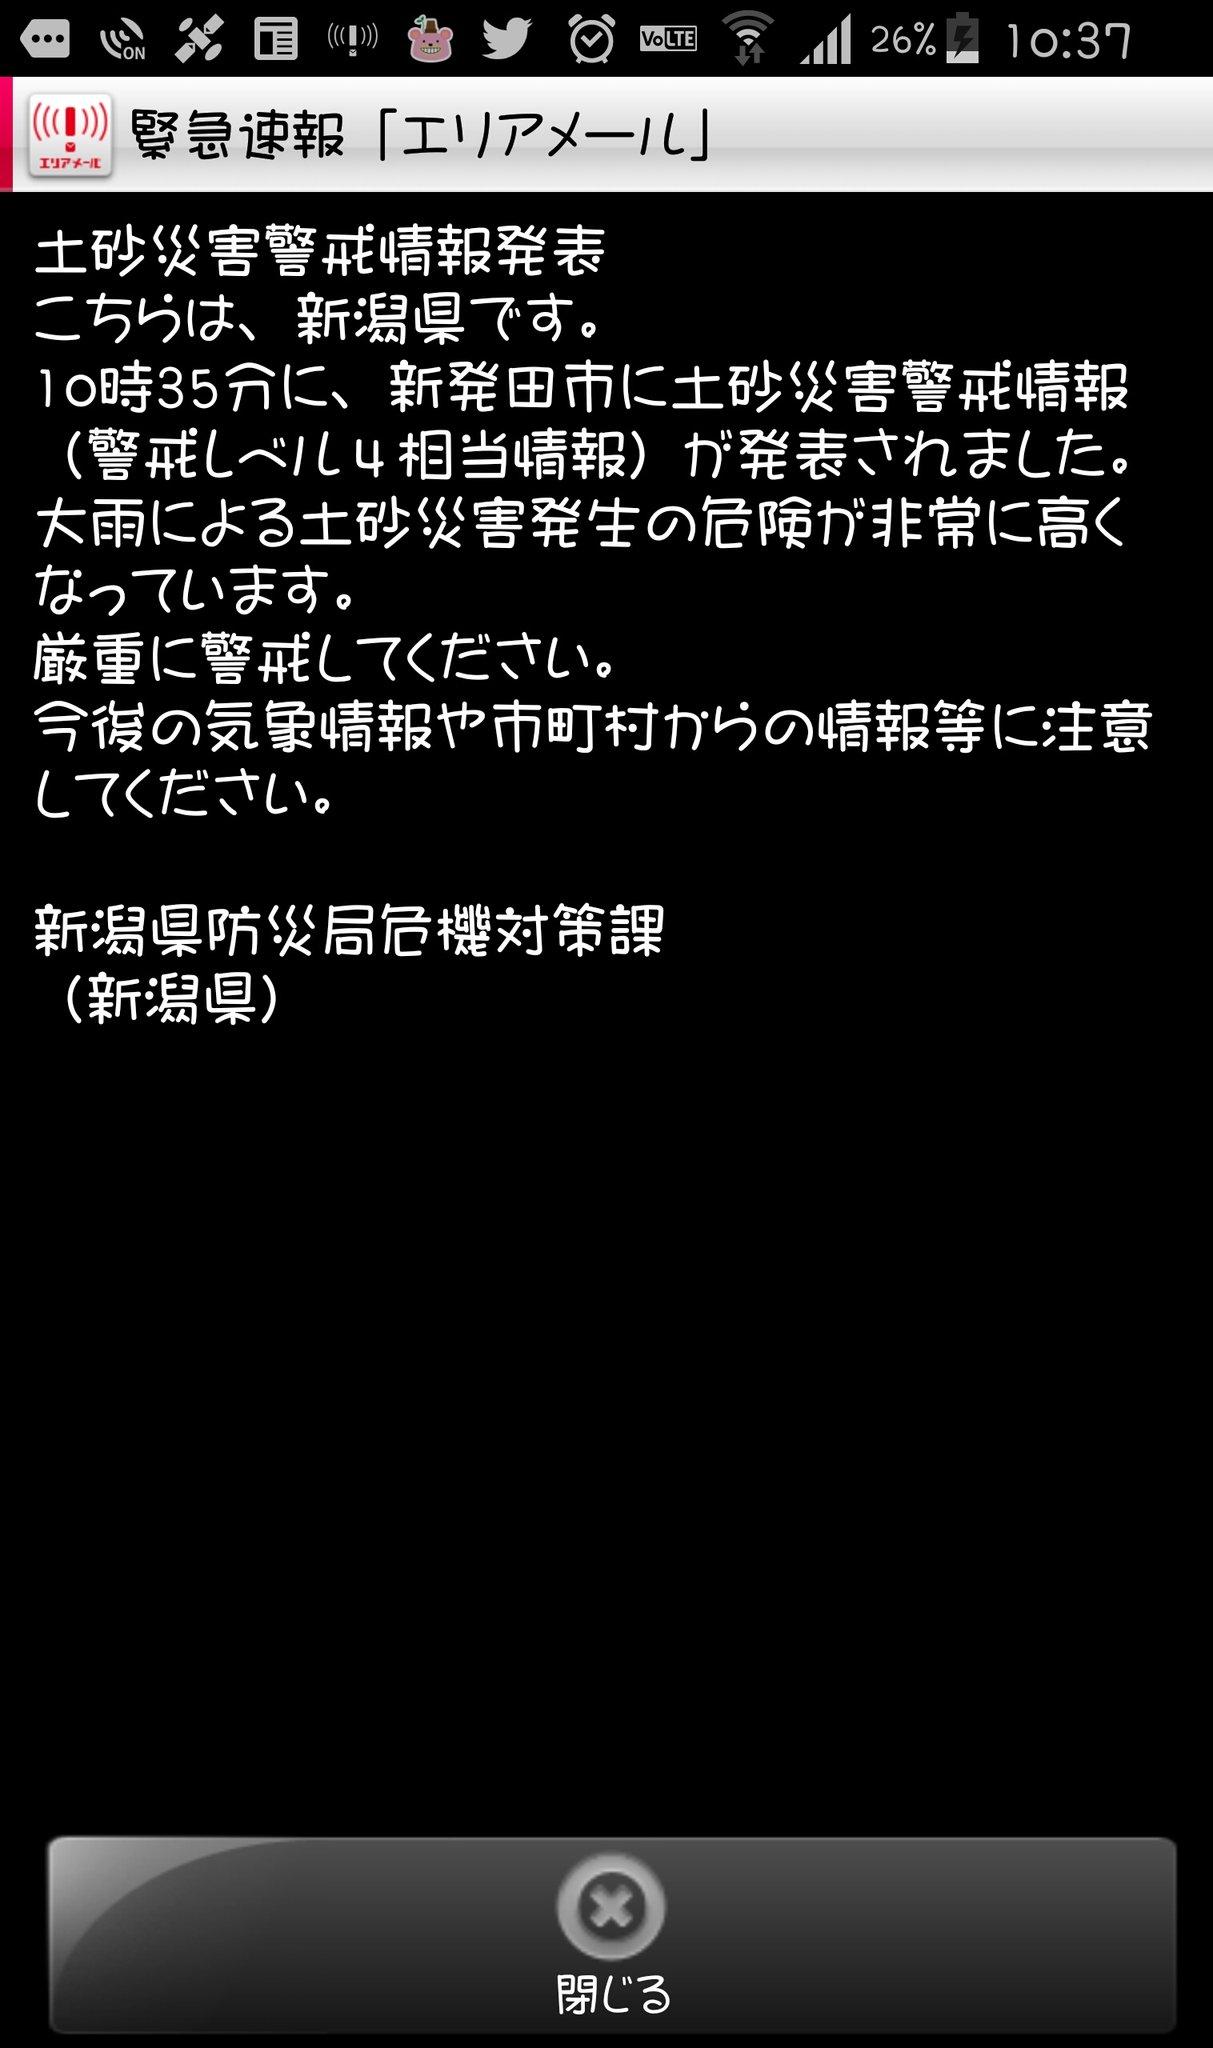 画像,エリアメール来た!!新発田に土砂災害警戒情報だって。 https://t.co/CDesqLFQBW。